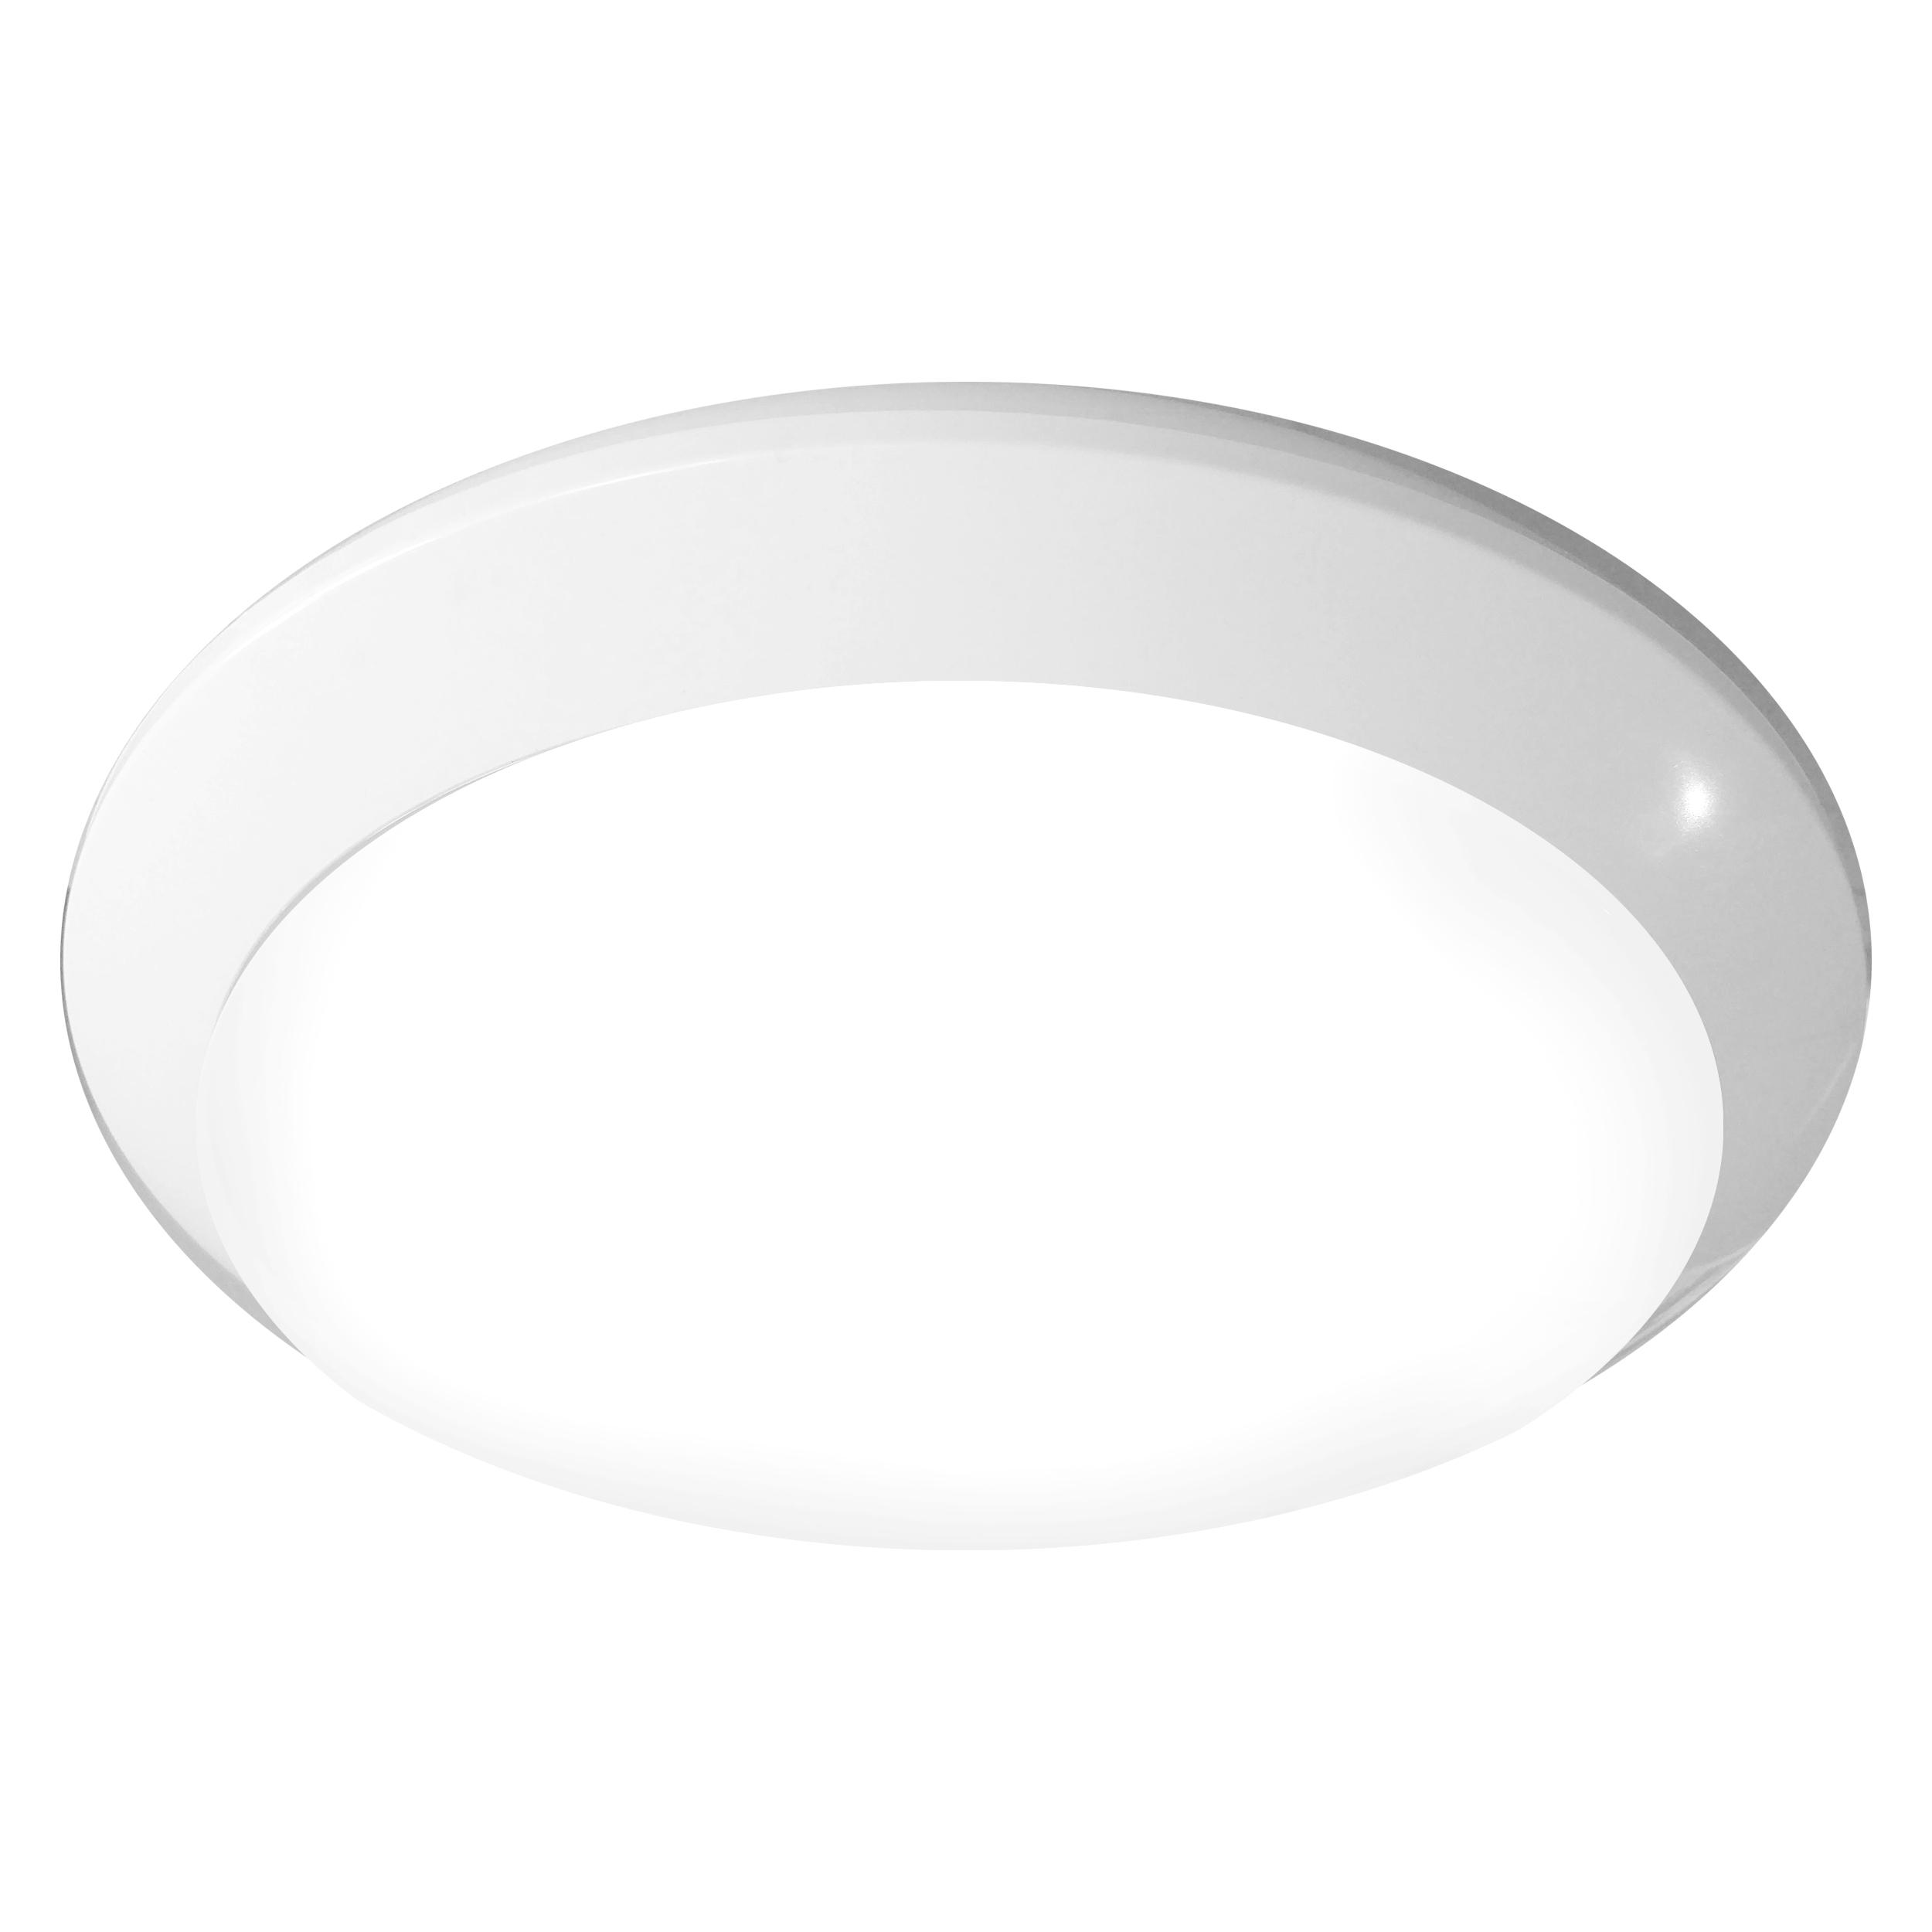 LED přisazené svítidlo RENO PROFI W 16W NW Greenlux (GXPR080)